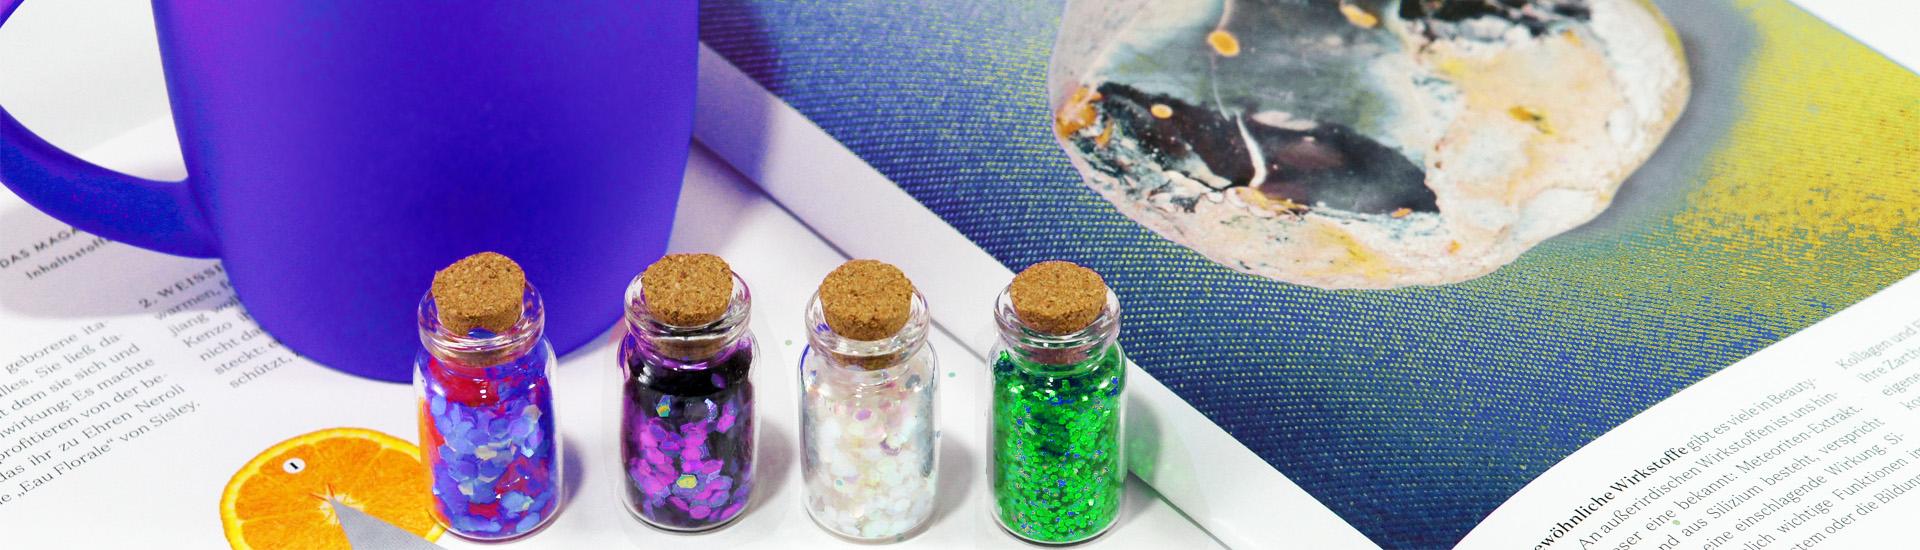 Meteorite extract part 2